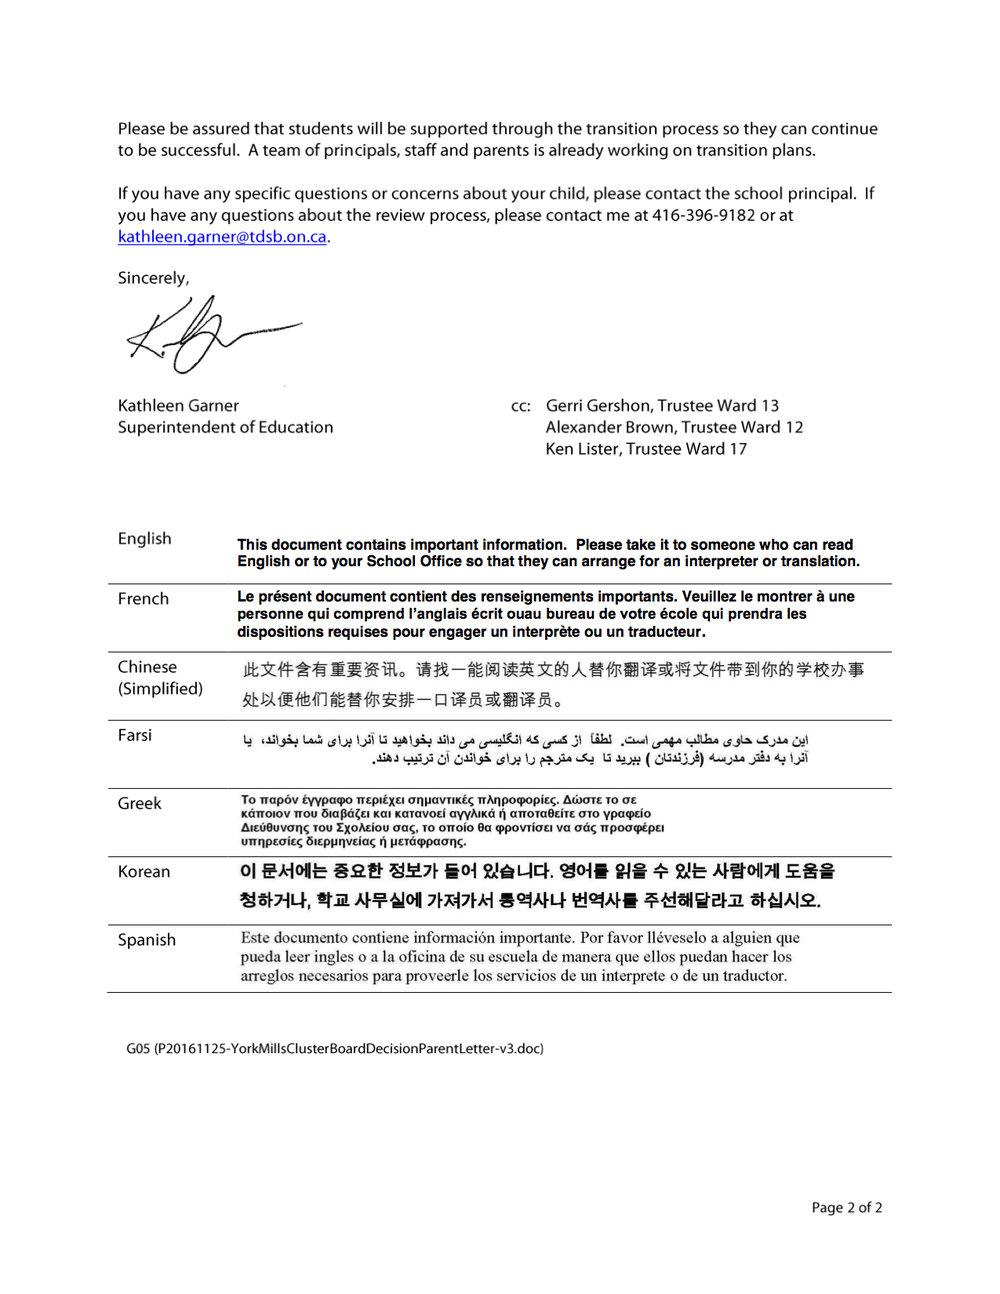 P201611251-YorkMillsClusterBoardDecisionParentLetter-v3.jpg